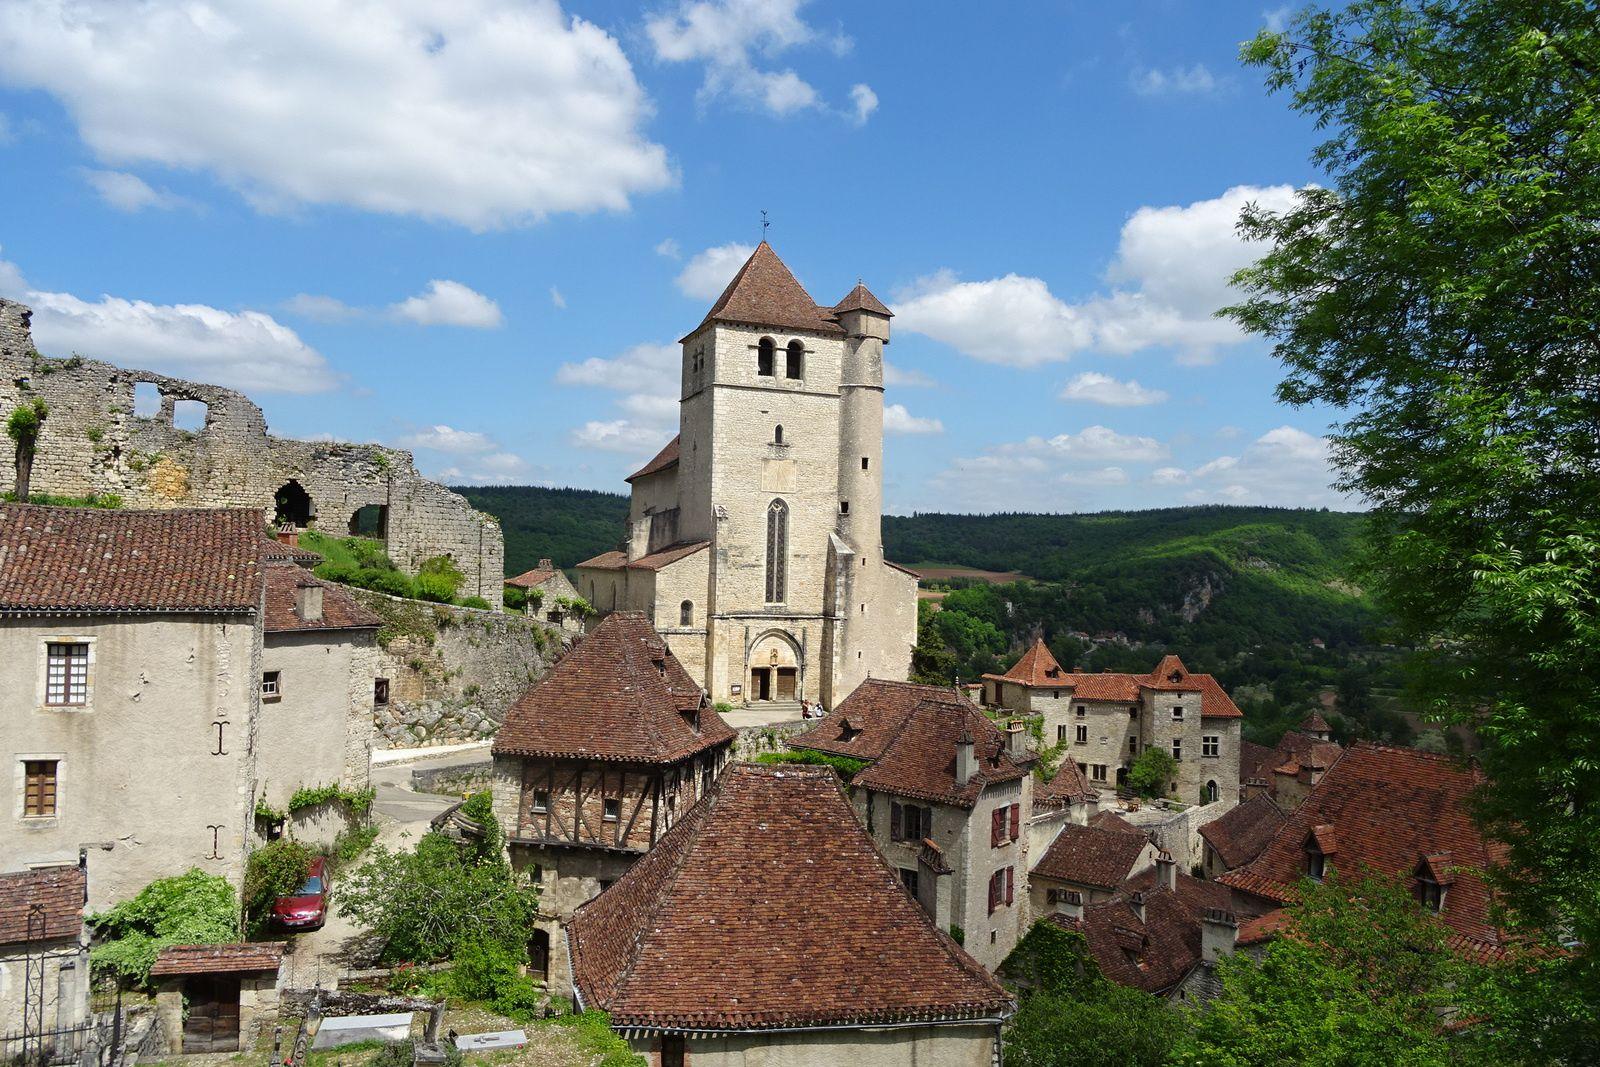 Un dernier regard sur ce magnifique village.